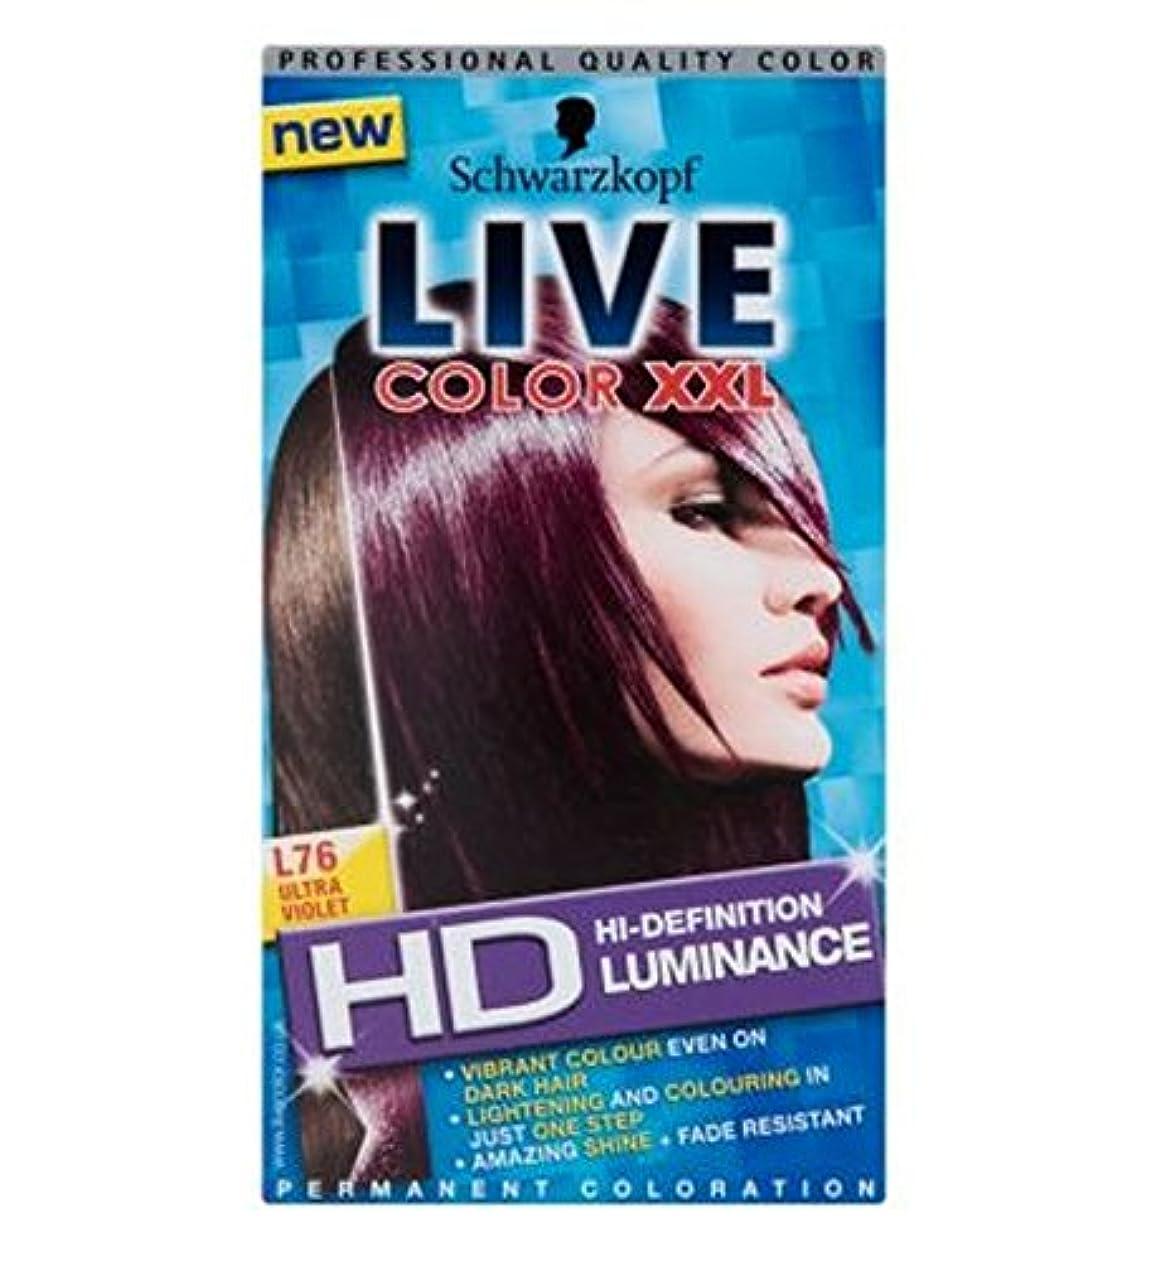 爪契約する海嶺Schwarzkopf Live XXL HD Luminance Ultra Violet L76 - シュワルツコフライブXxlのHd輝度紫外線L76 (Schwarzkopf) [並行輸入品]